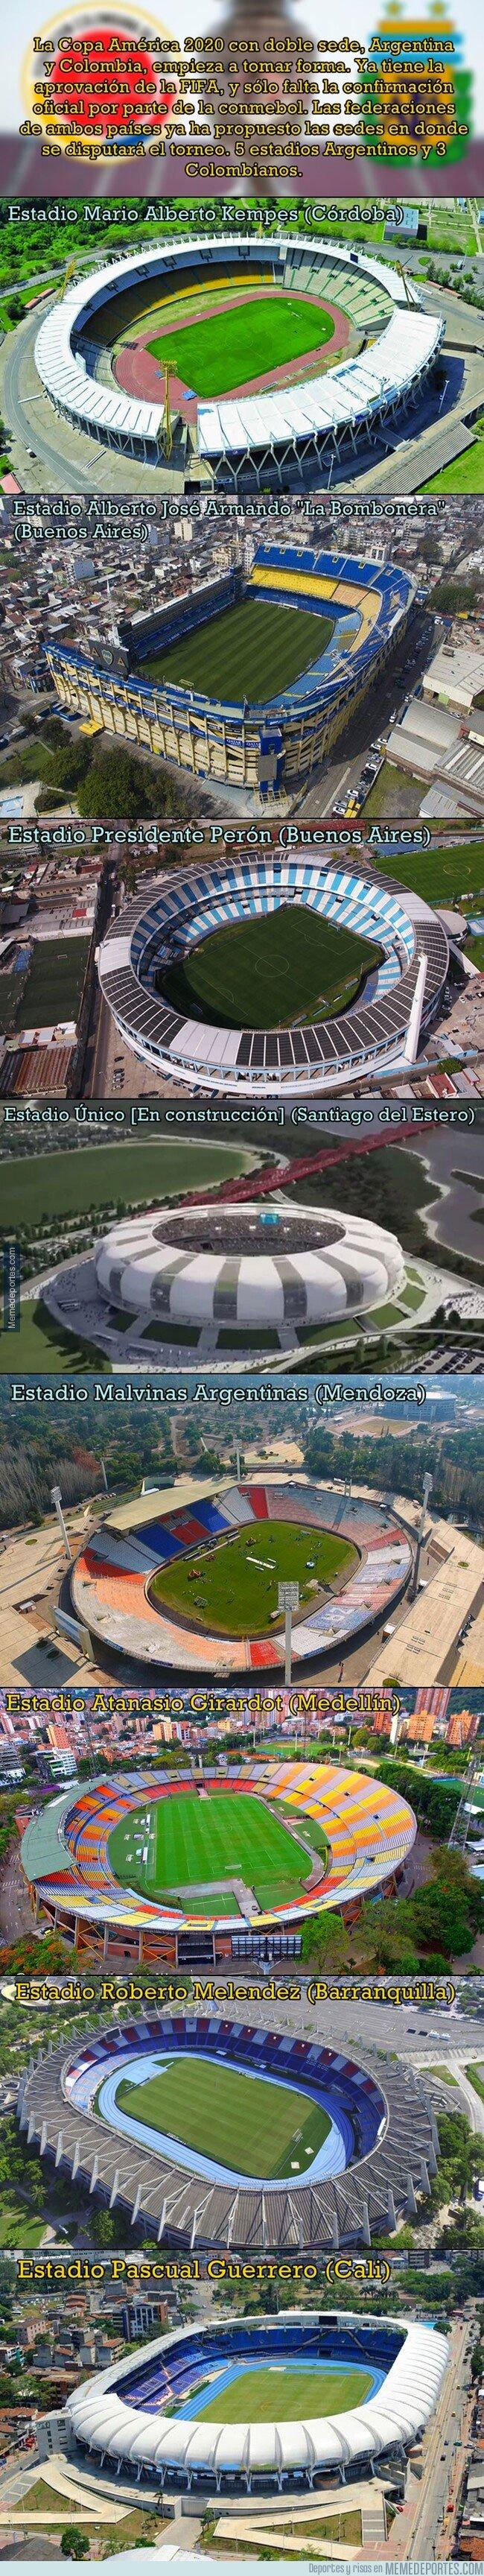 1070451 - Los estádios propuestos por Argentina y Colombia para la Copa América 2020